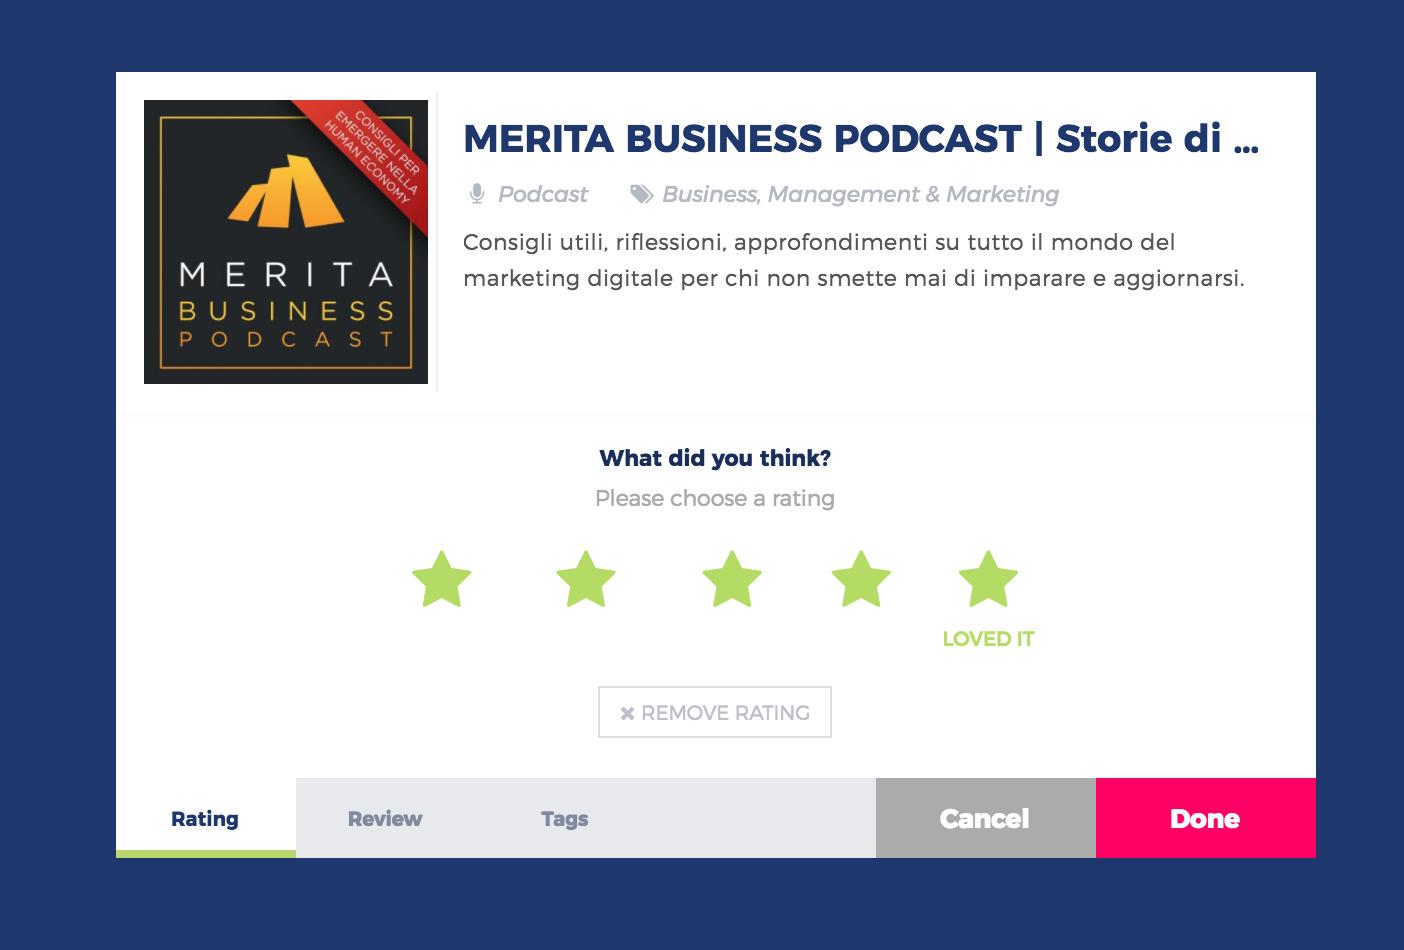 5 Stelle su Podchaser al tuo podcast preferito